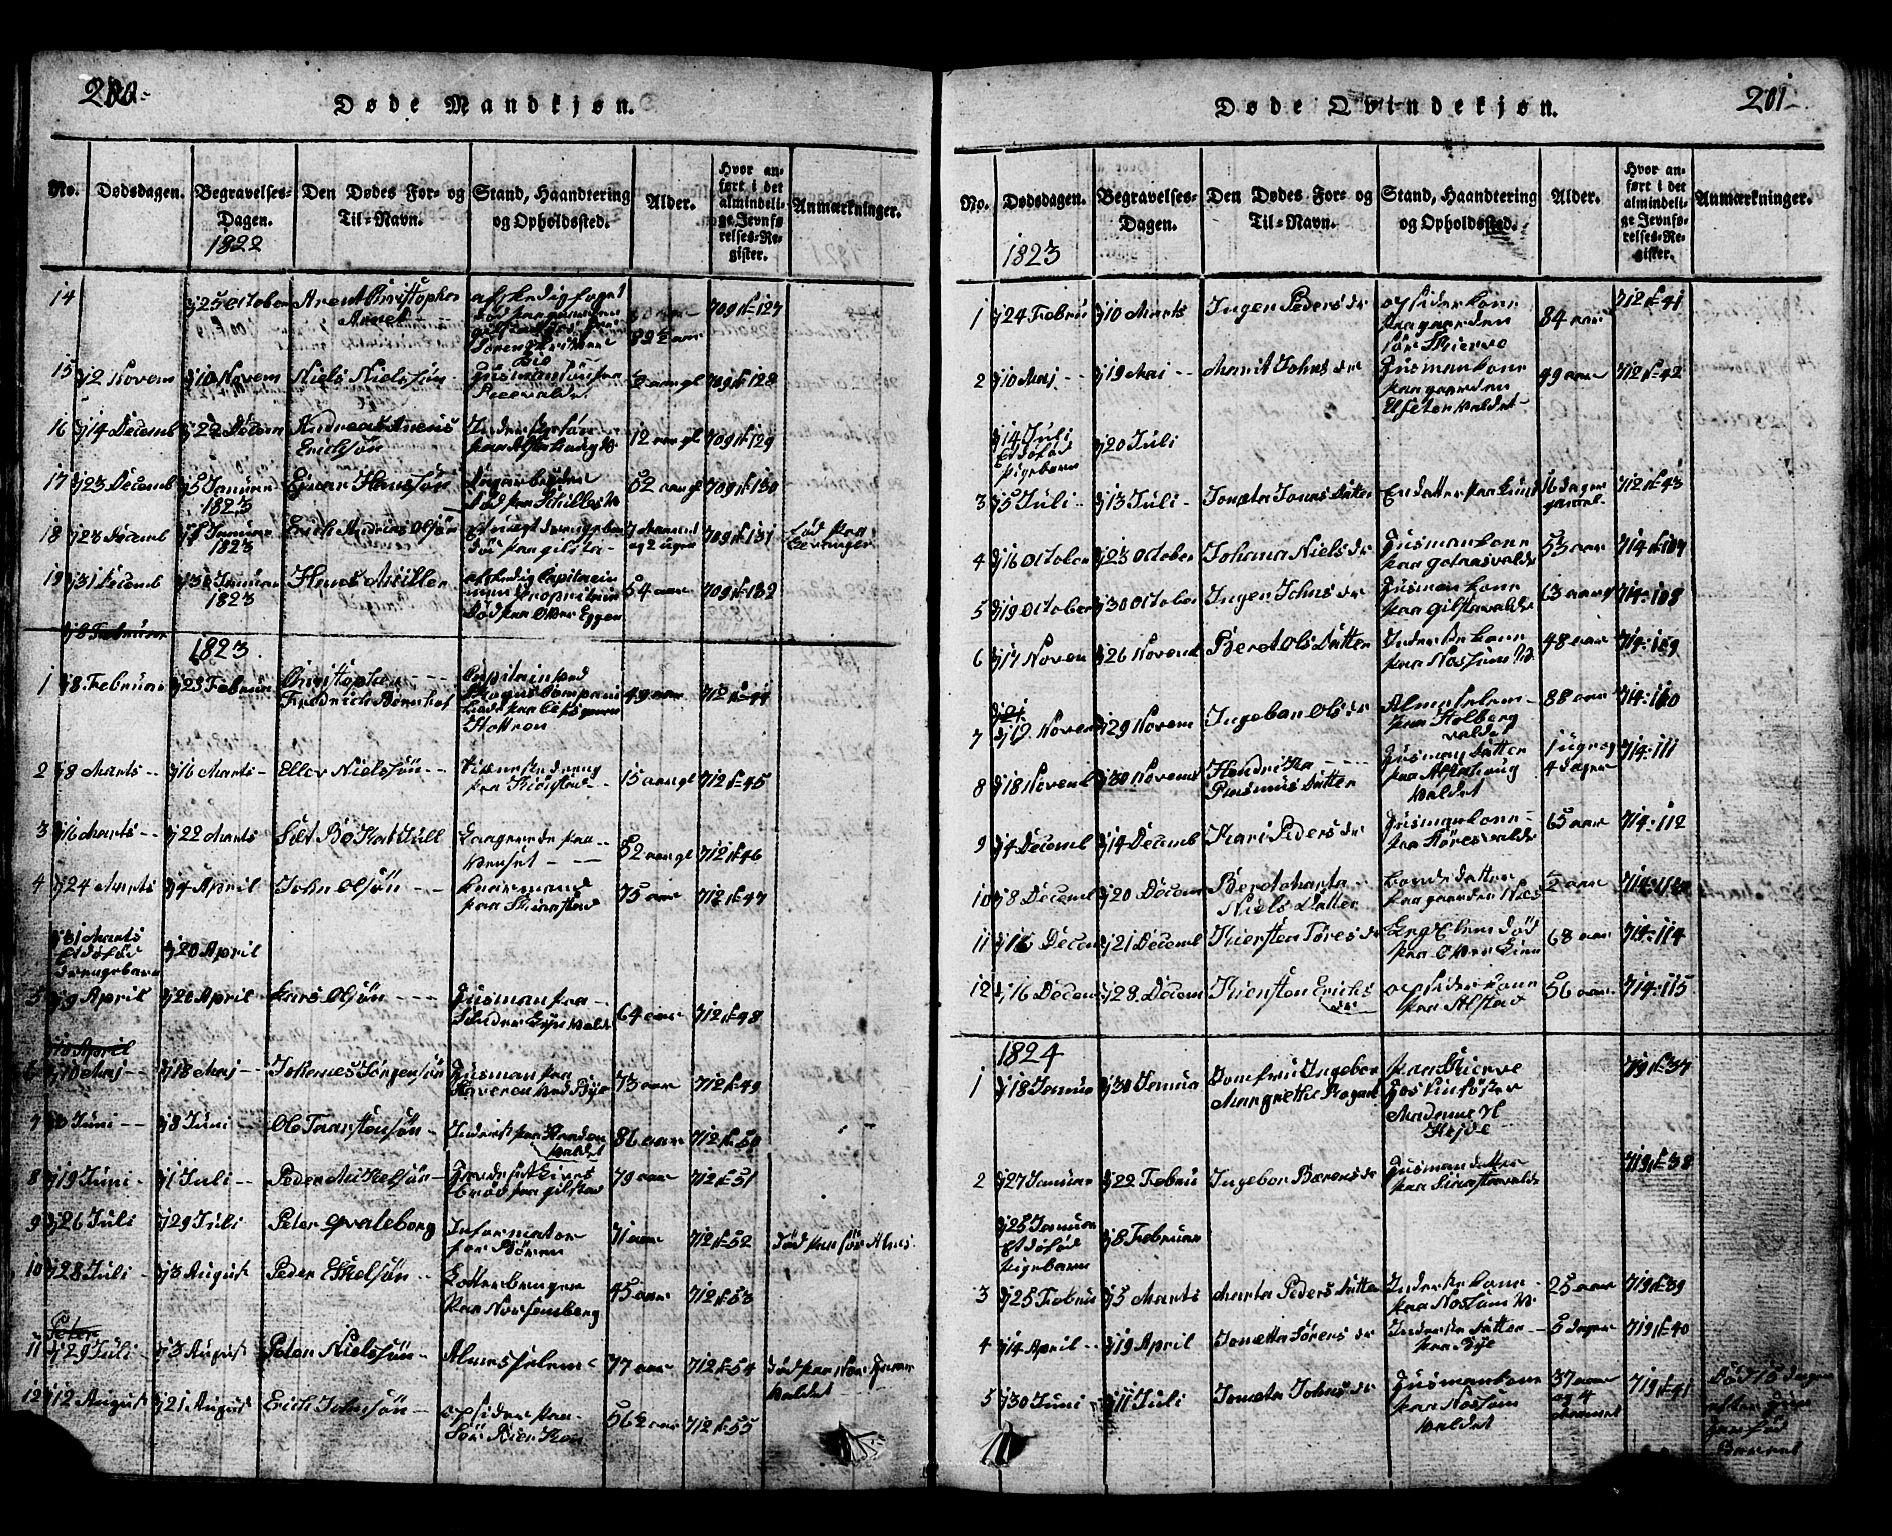 SAT, Ministerialprotokoller, klokkerbøker og fødselsregistre - Nord-Trøndelag, 717/L0169: Klokkerbok nr. 717C01, 1816-1834, s. 200-201